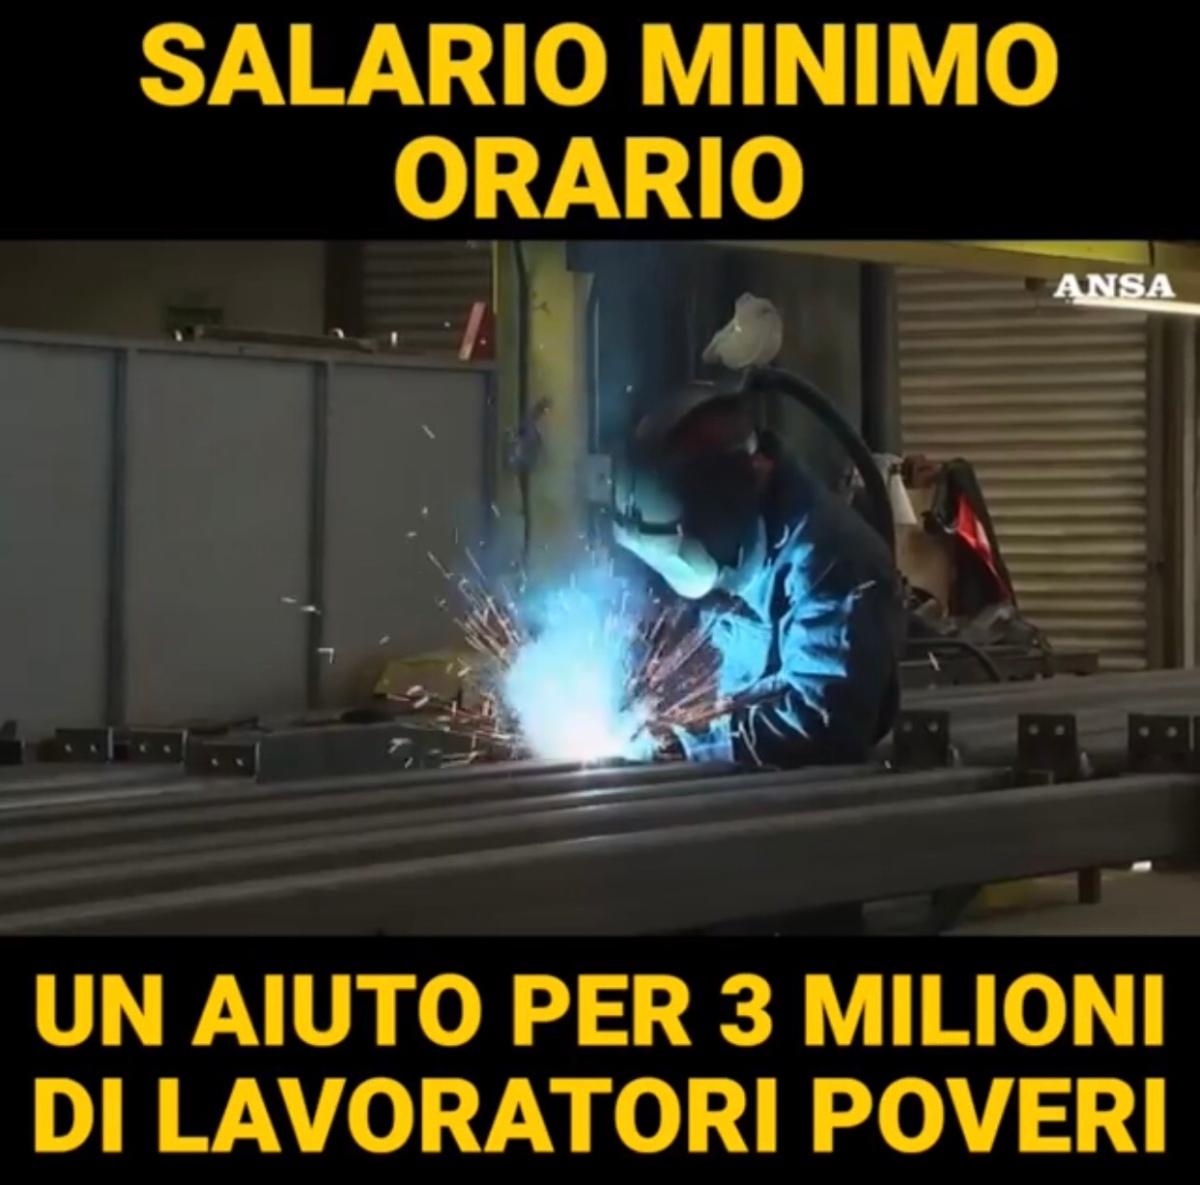 Con il Salario Minimo Orario buone notizie per 3 milioni dilavoratori